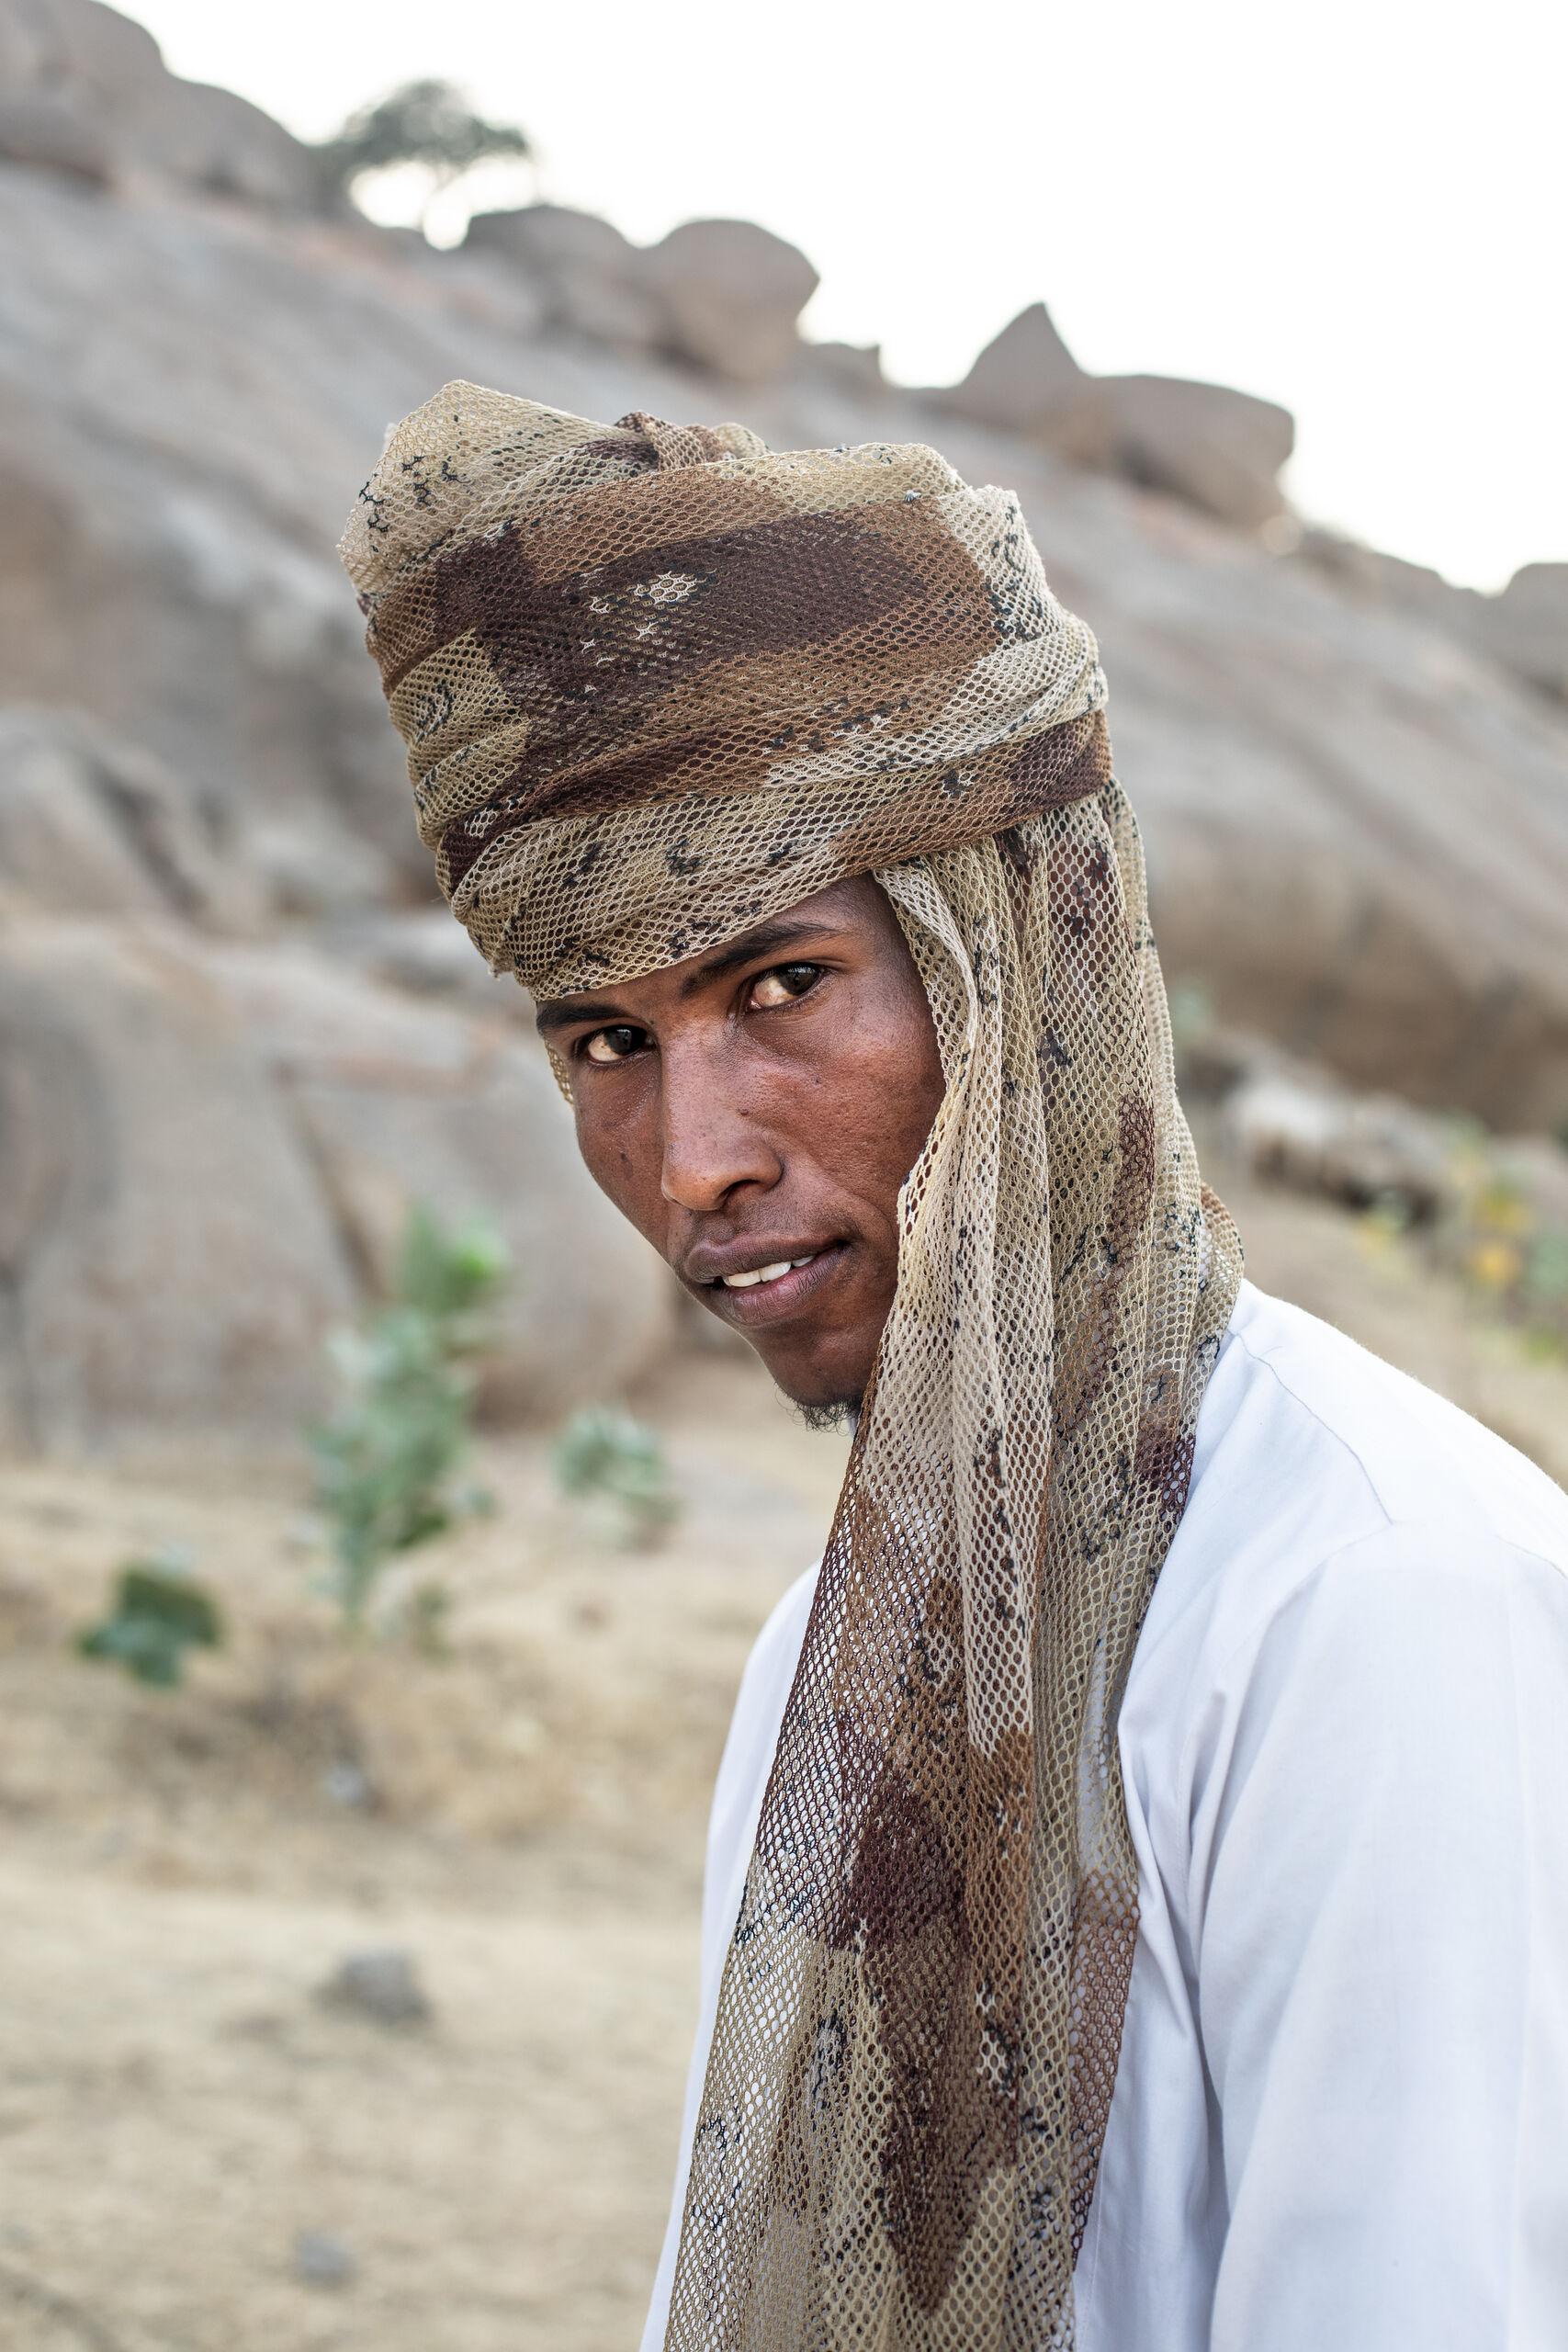 Mann in der Sahelzone